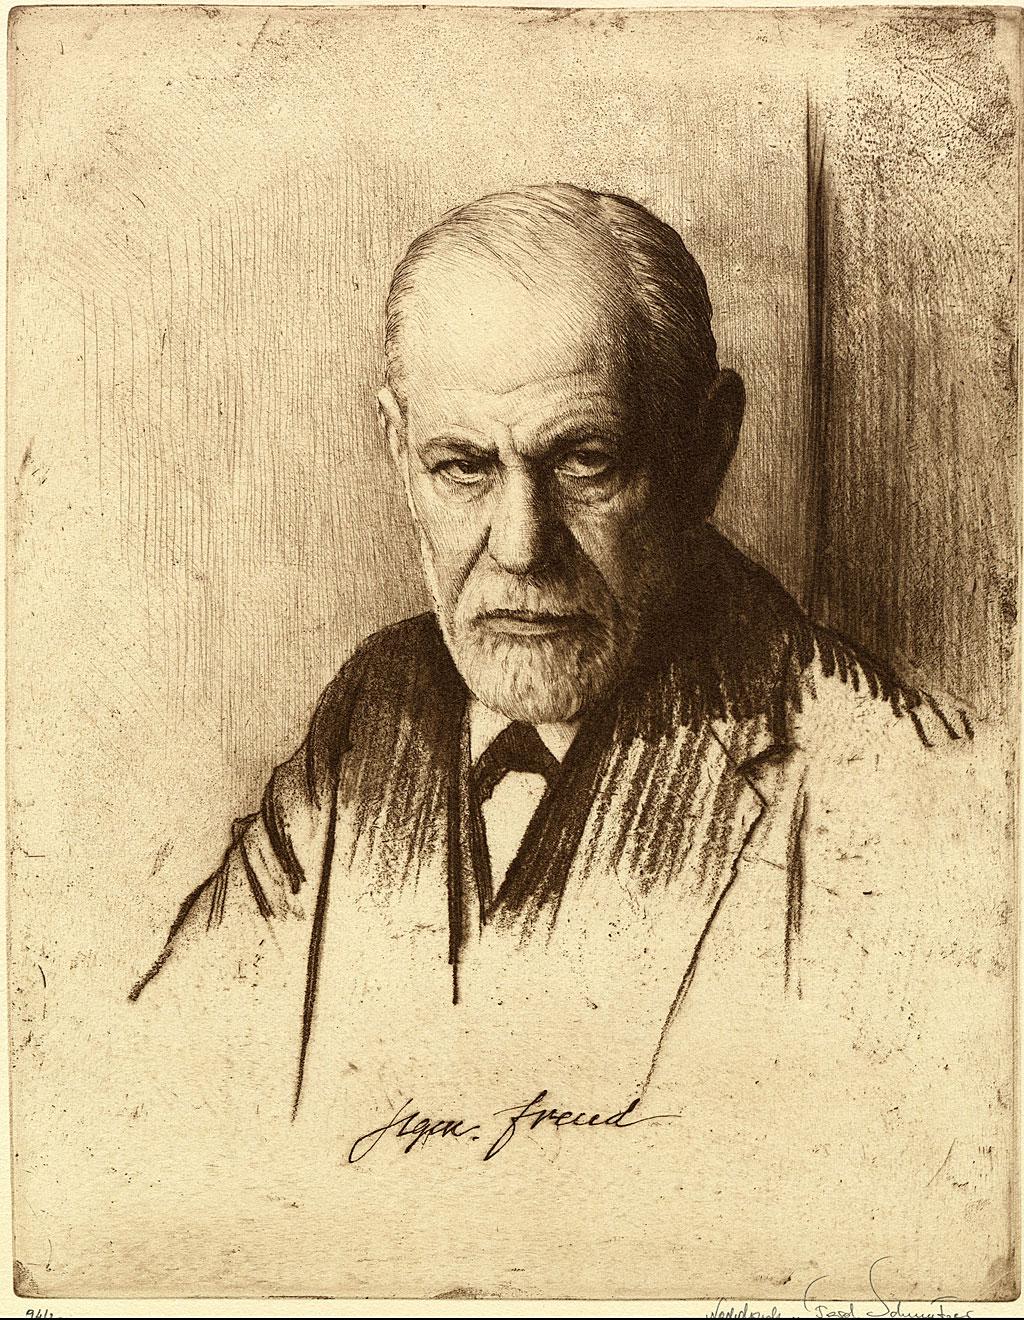 Sigmund Freud (1856-1939) en un retrato hecho por Ferdinand Schmutzer, en 1926.